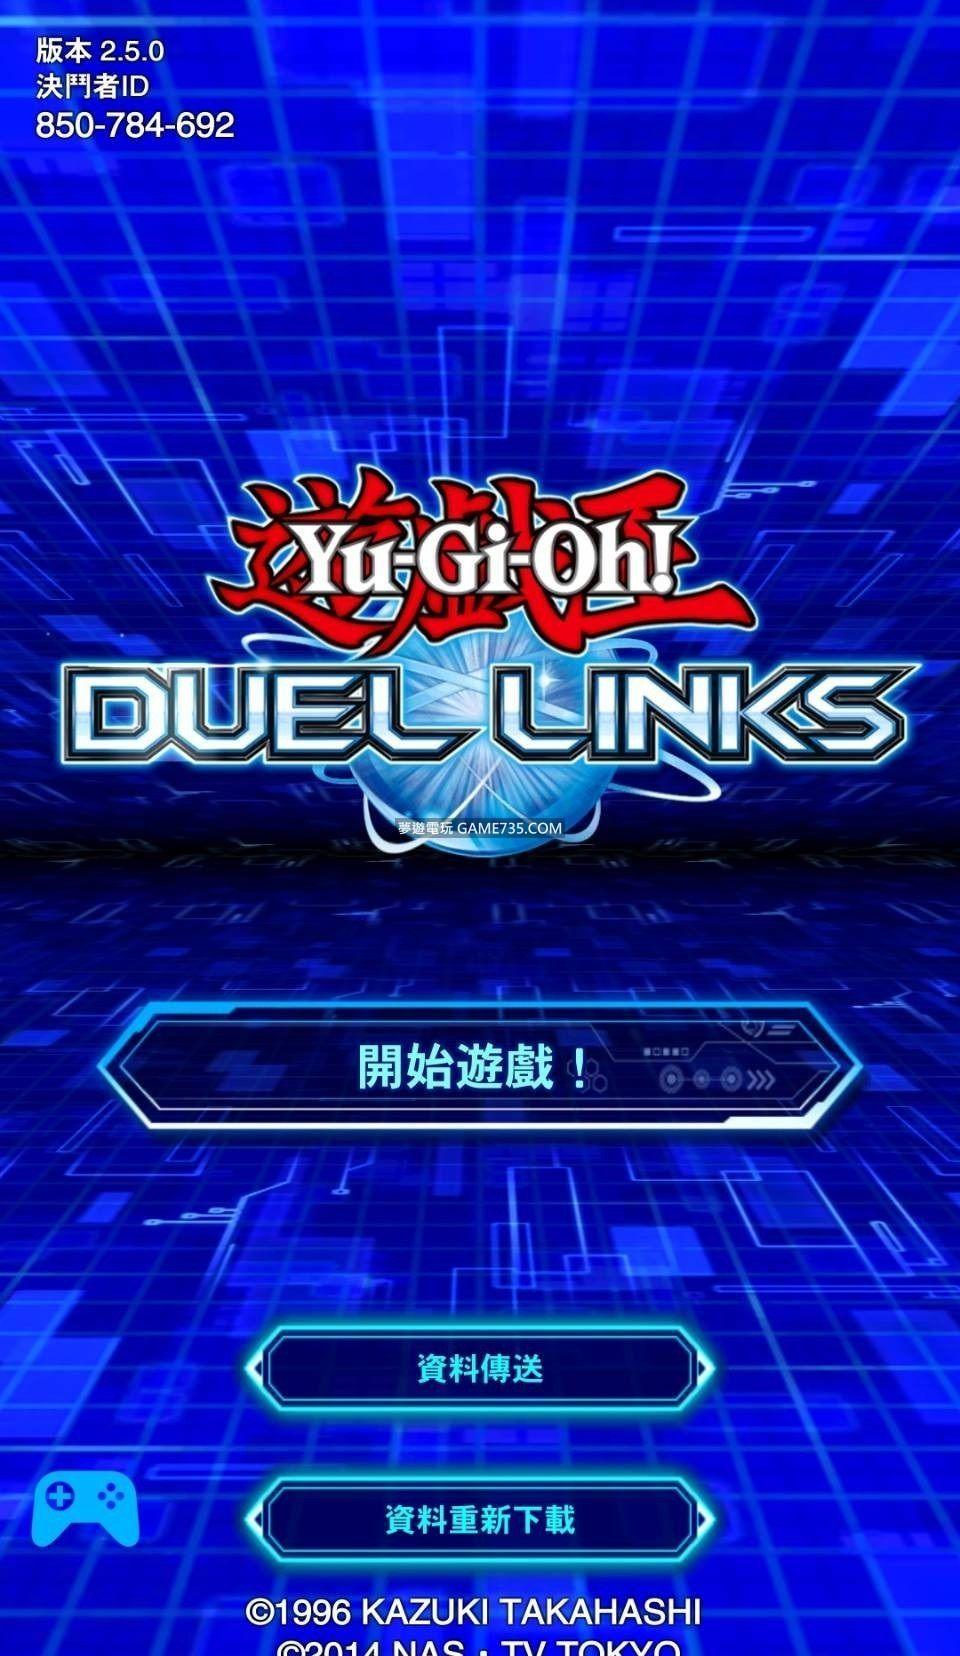 【修改版】遊戲王 V4.7.0 Duel links 繁中+透視+投降4500分+8000分更新